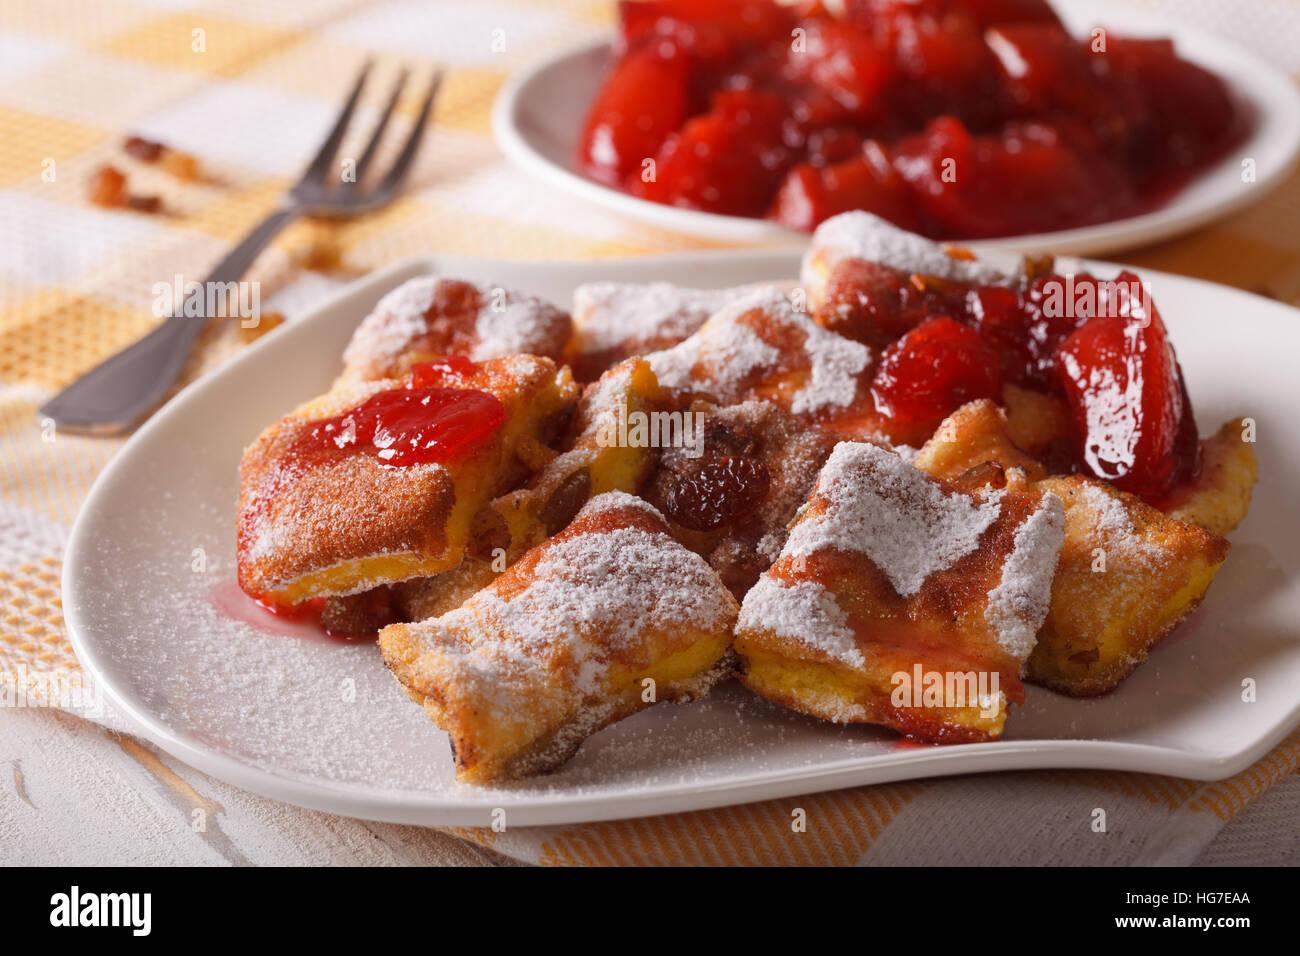 Austrian dessert Kaiserschmarrn with plum sauce close-up on a plate. horizontal Stock Photo